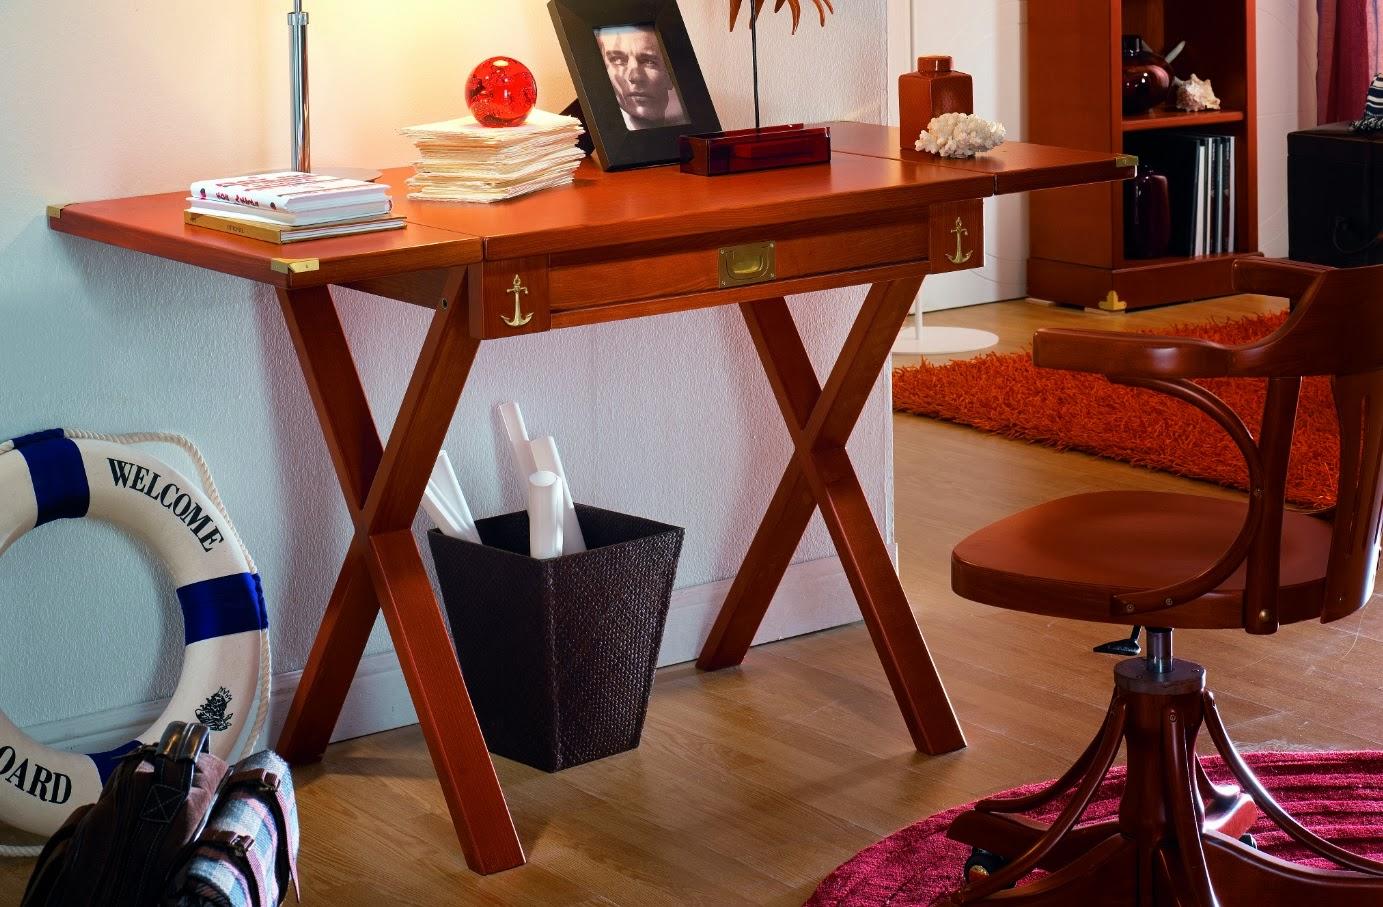 Blog de mbar muebles dormitorios estilo barco - Muebles estilo marinero ...